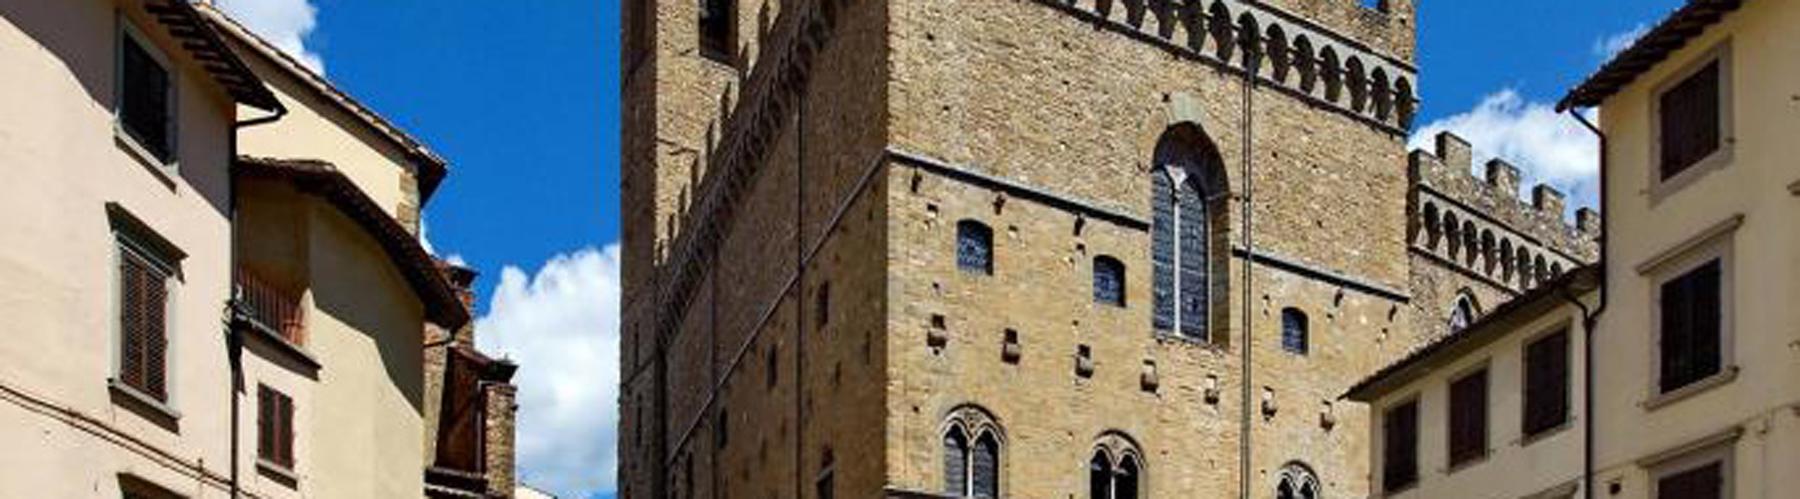 피렌체 - 바르젤로에 가까운 호텔. 피렌체의 지도, 피렌체에 위치한 호텔에 대한 사진 및 리뷰.